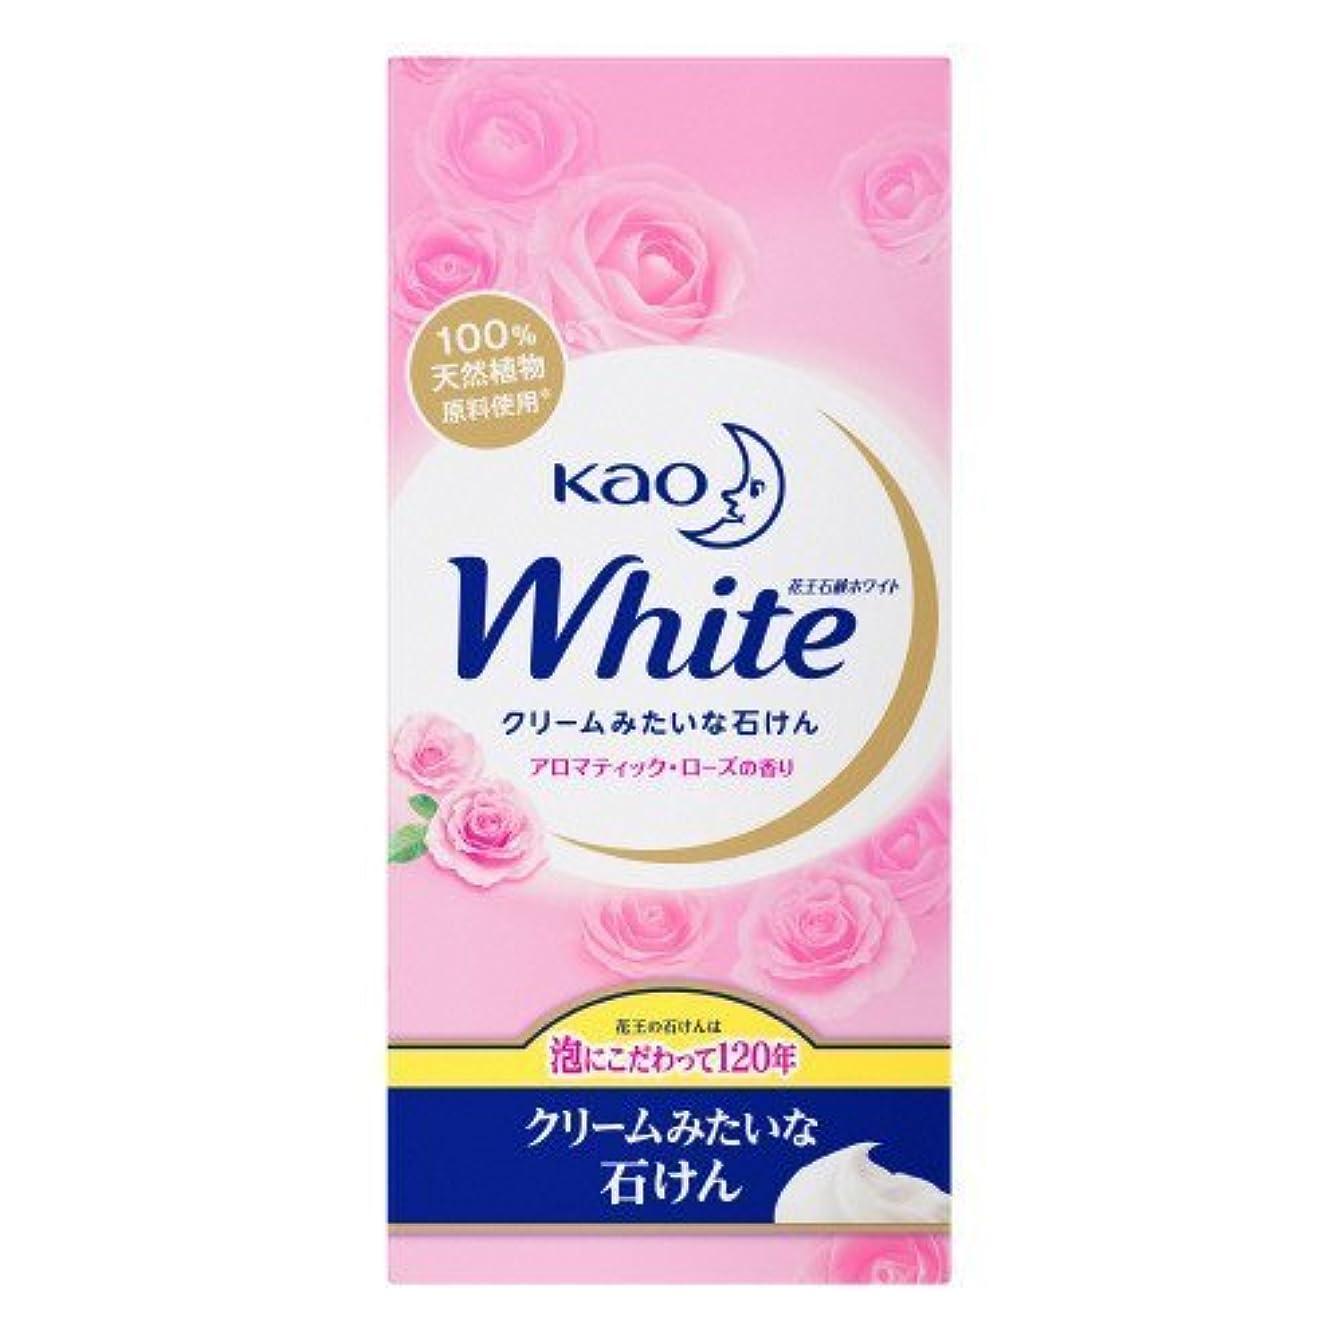 文化に渡ってディプロマ【花王】花王ホワイト アロマティックローズの香りレギュラーサイズ (85g×6個) ×10個セット